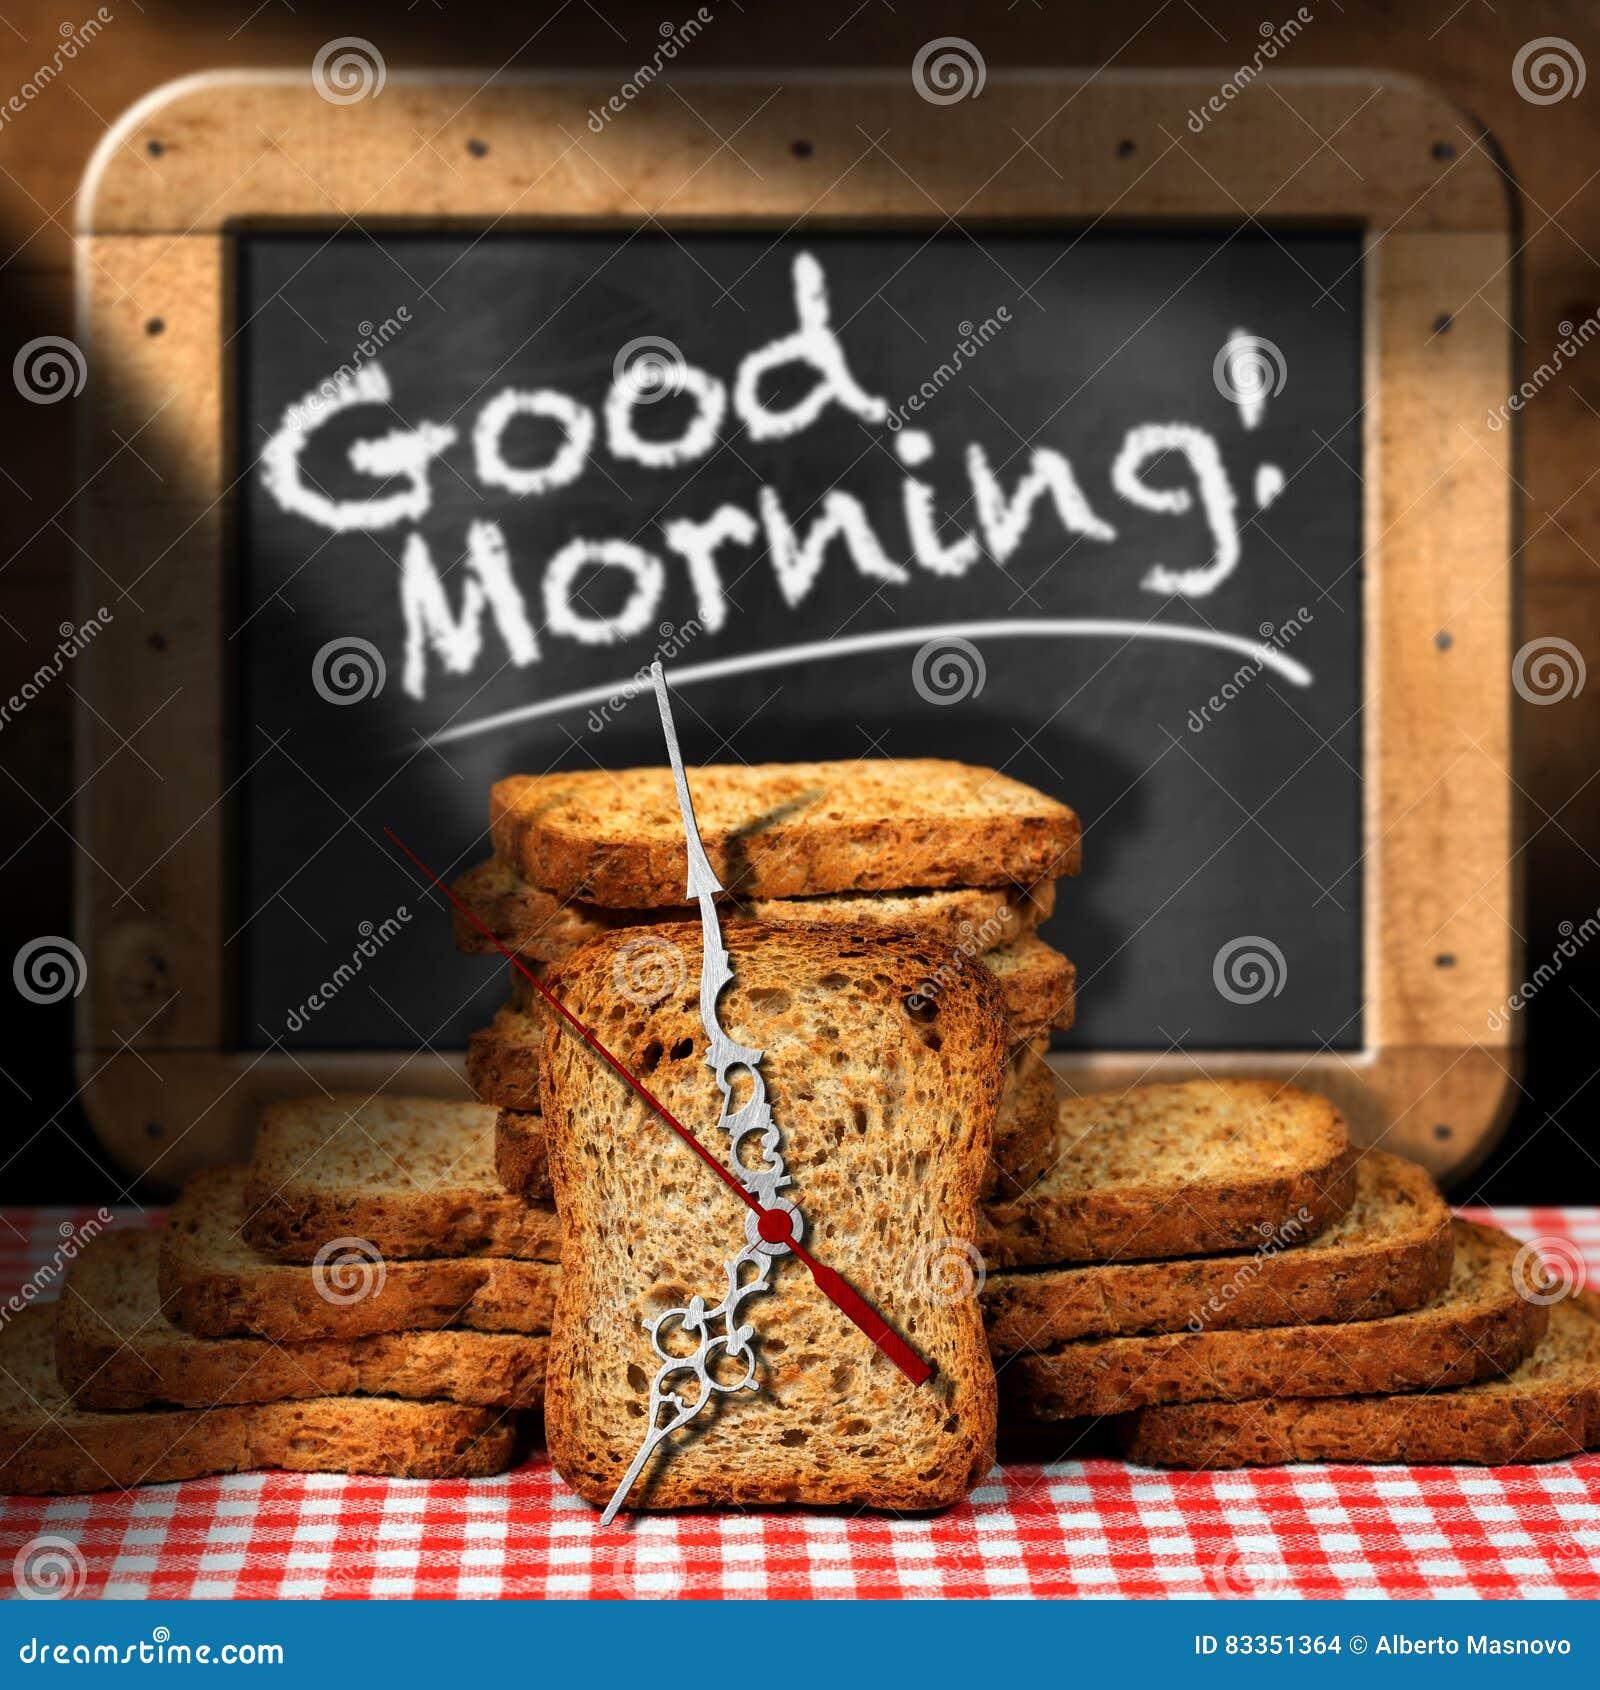 Ansprechend Guten Morgen Frühstück Dekoration Von Pattern Gutenmorgen - Frühstück Mit Zwiebacken Stock